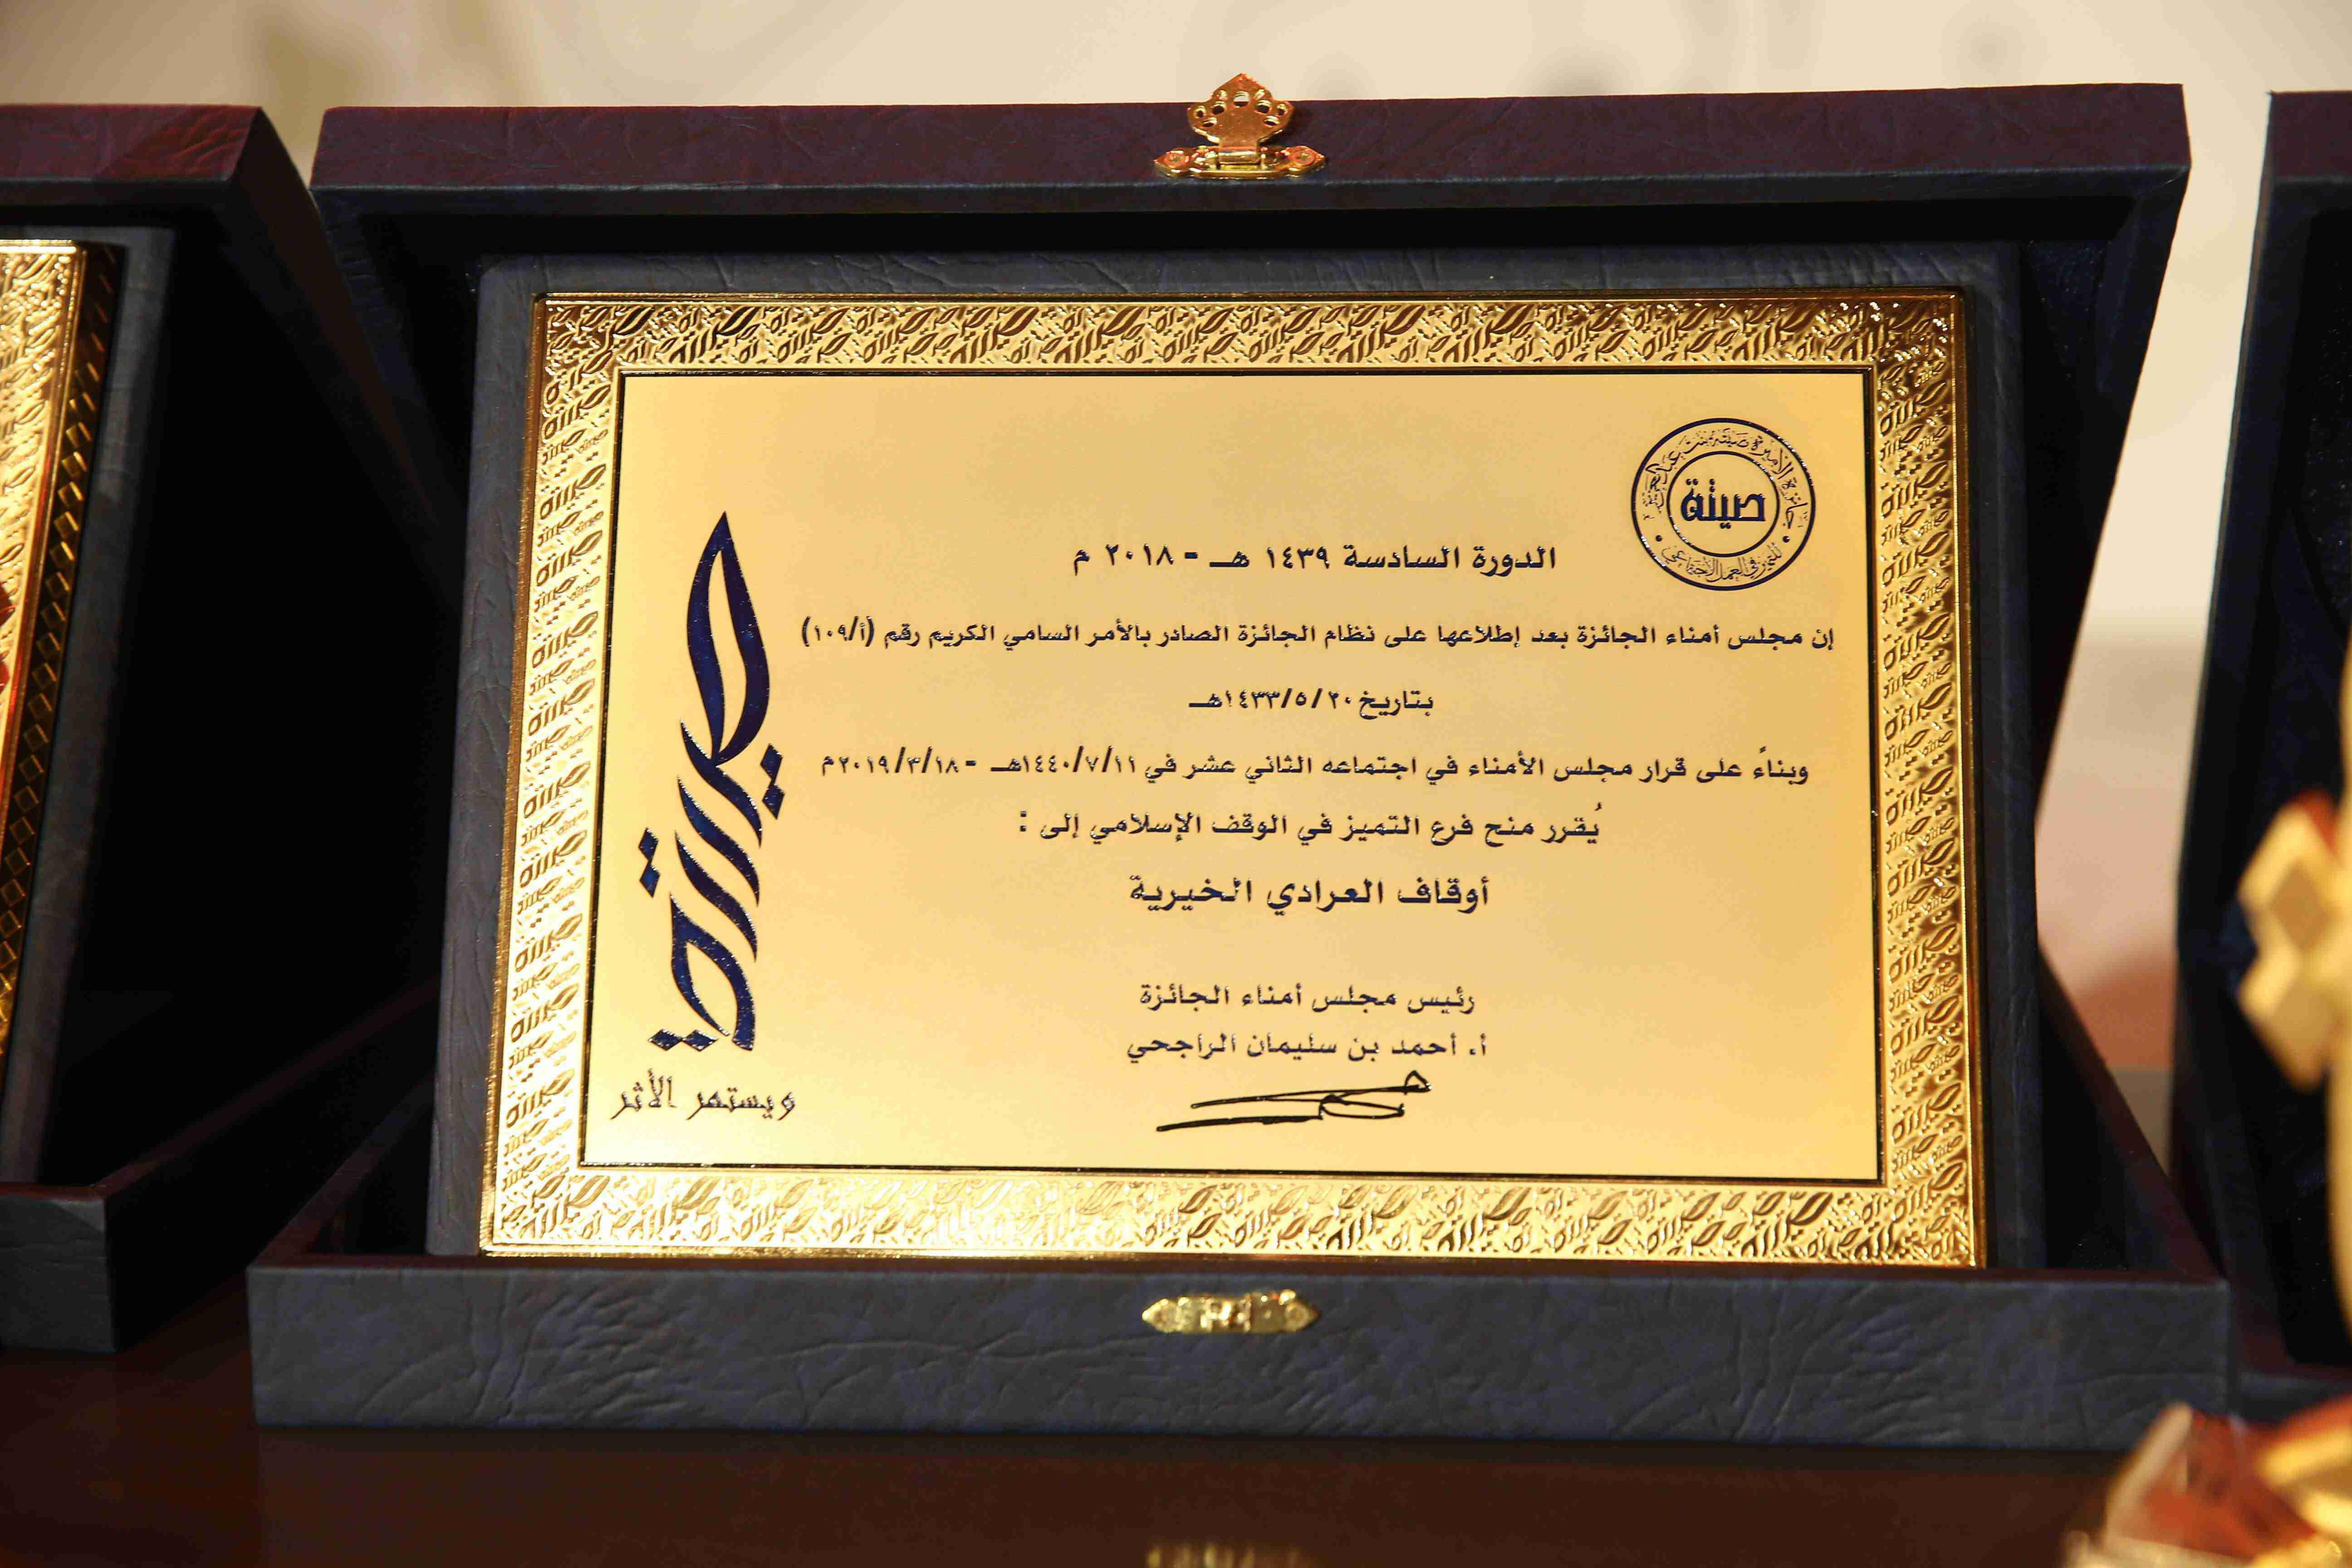 الفائز في فرع الوقف الاسلامي بجائزة الأميرة صيتة لدورتها السادسة أوقاف العرادي الخيرية